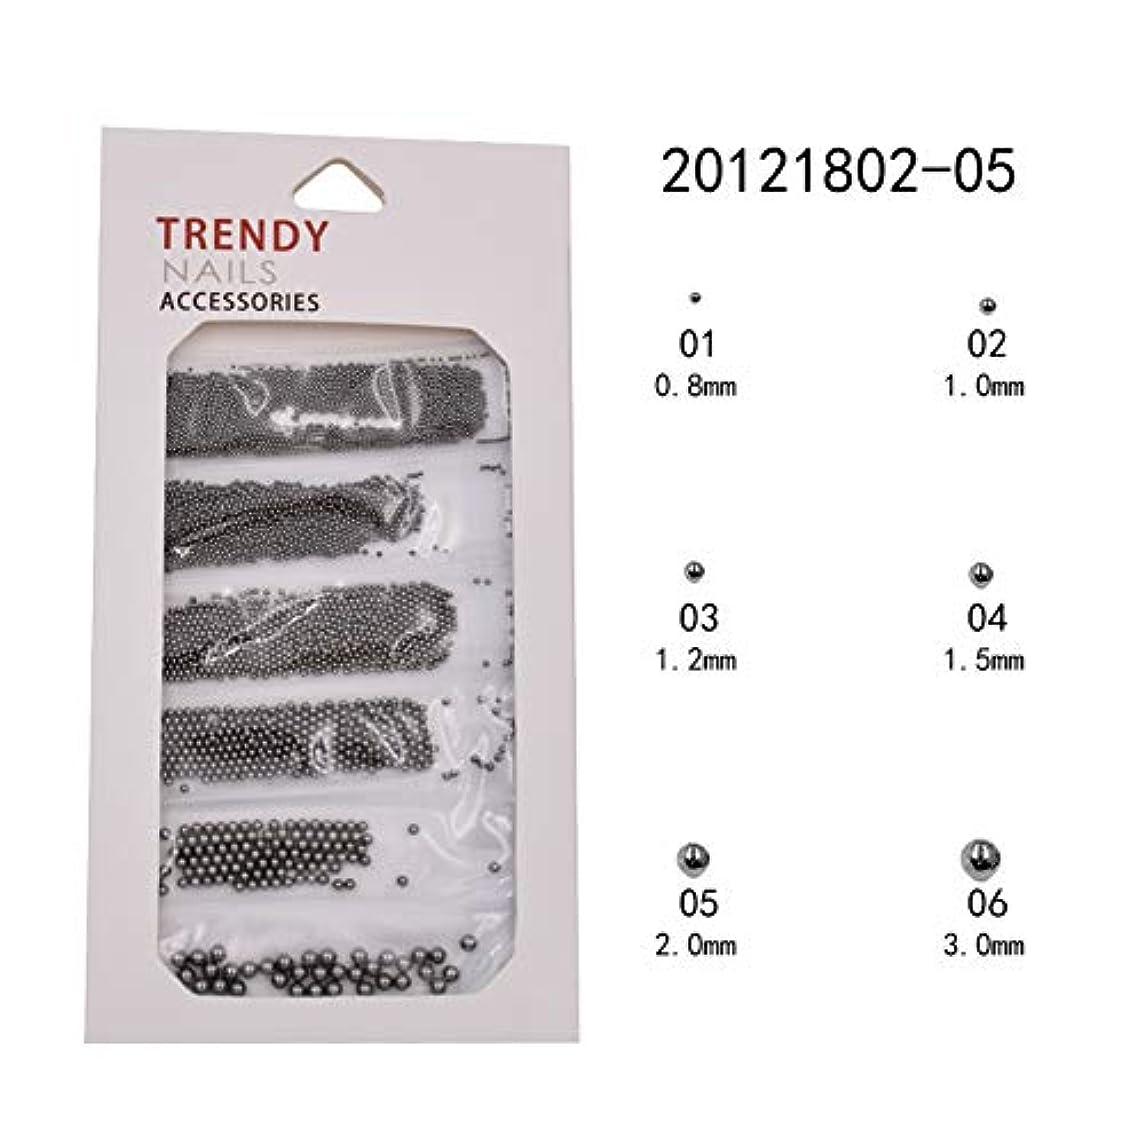 下に向けます養う一元化するメーリンドス ネイル3Dデザインアートパーツ ネイルブリオン ゴールド&シルバー&ブラック&バラゴールド&グレー 0.8/1.0/1.2/1.5/2/3mm ネイルパーツデコレーション (04)